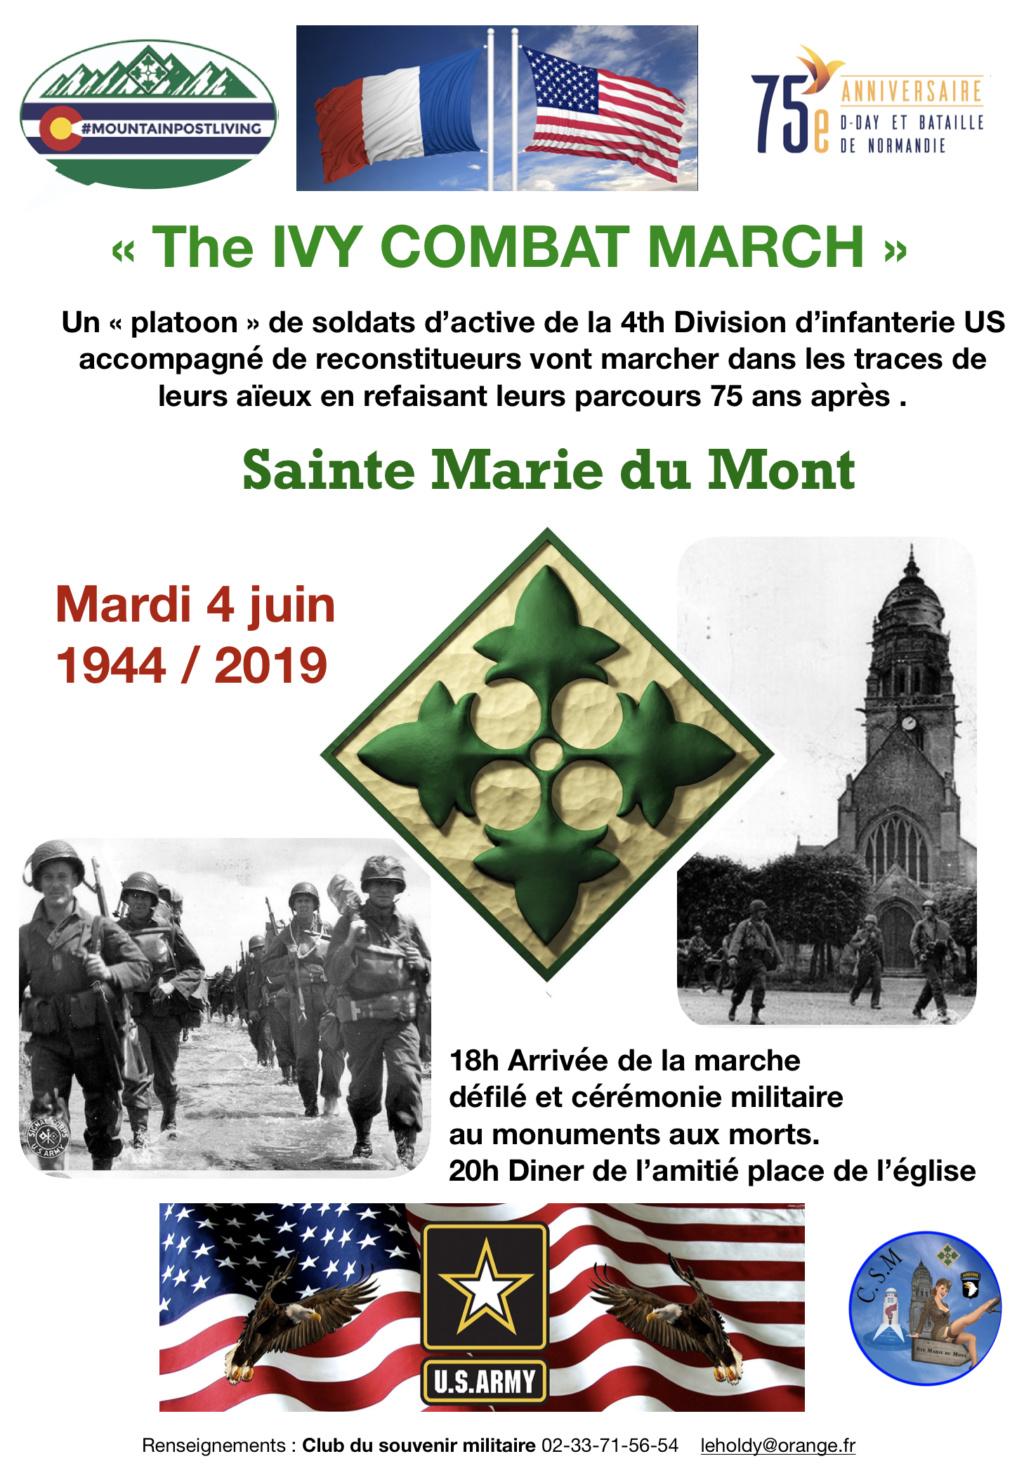 SAINTE MARIE DU MONT 1944/2019 Marche11